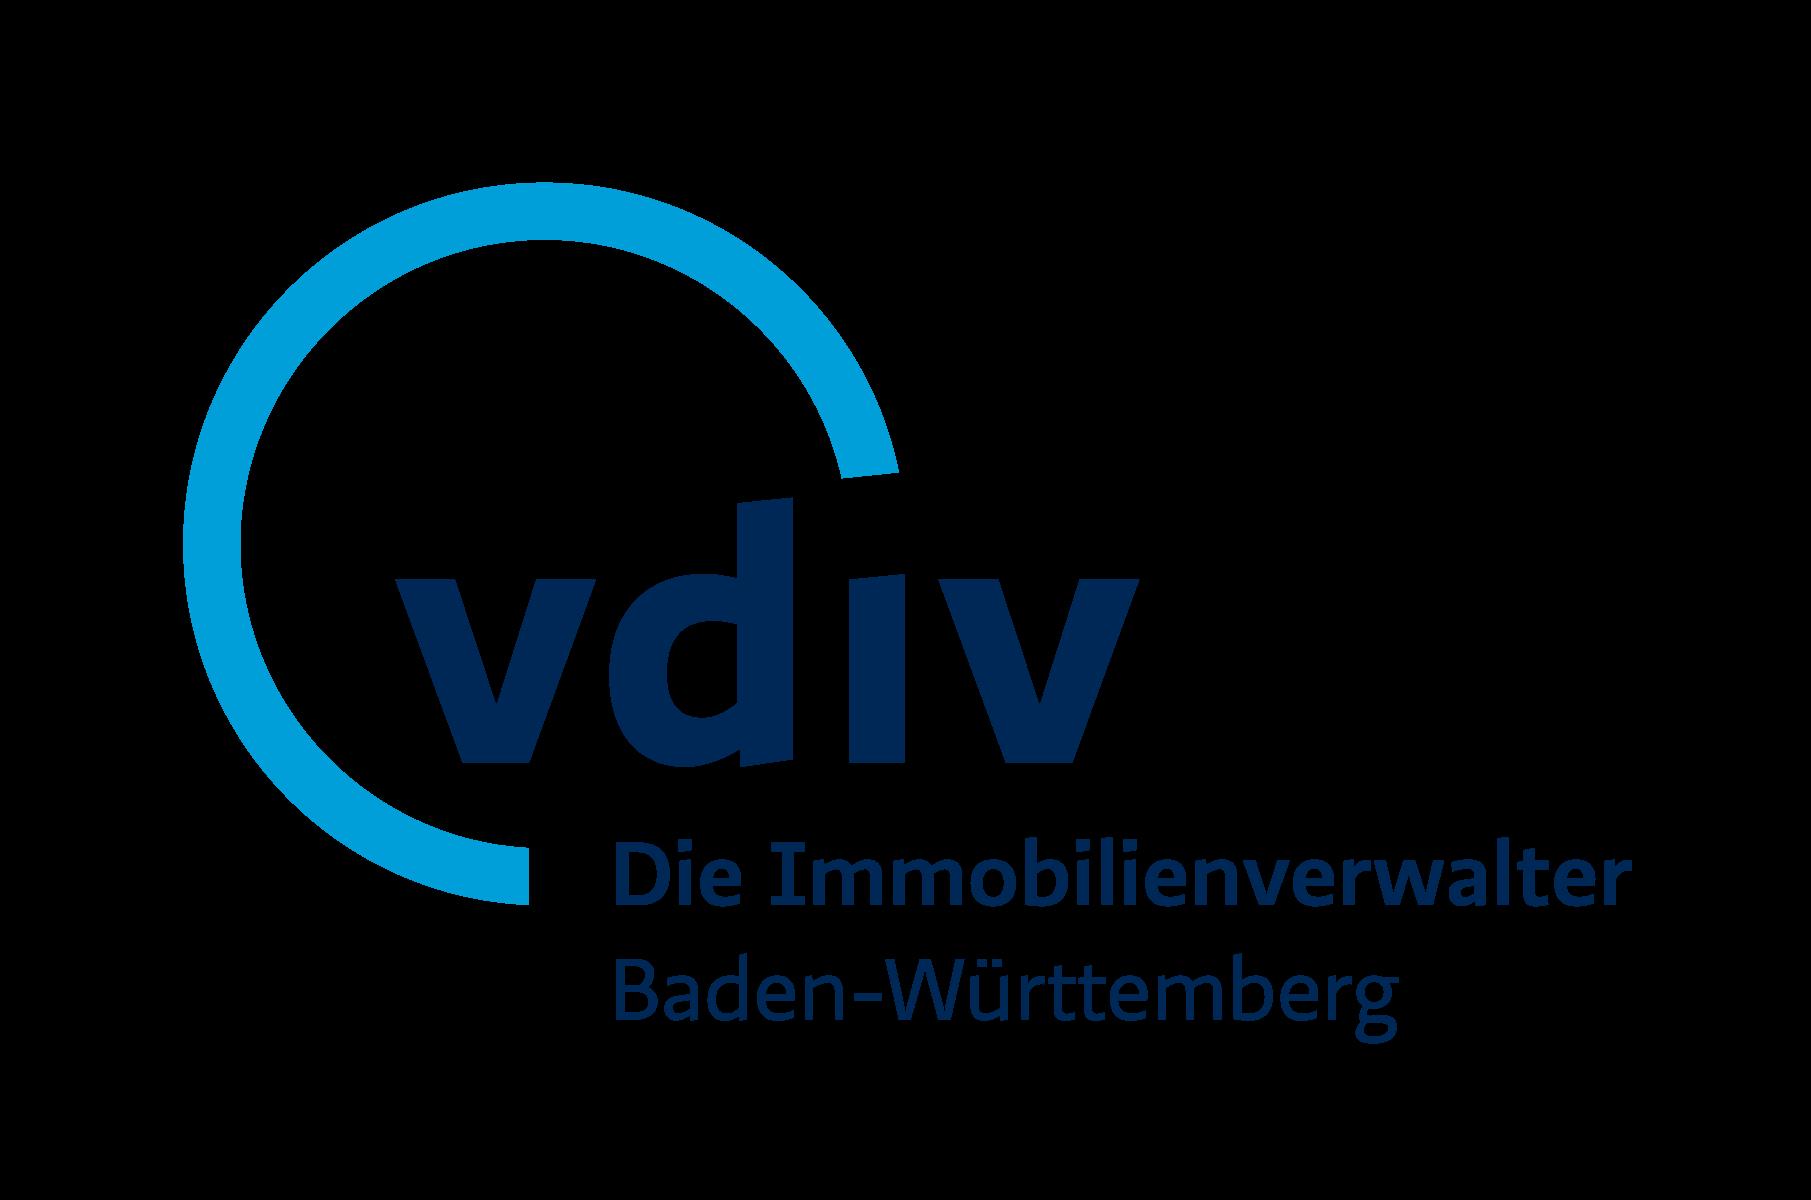 Immobilienverwalter Baden-Württemberg